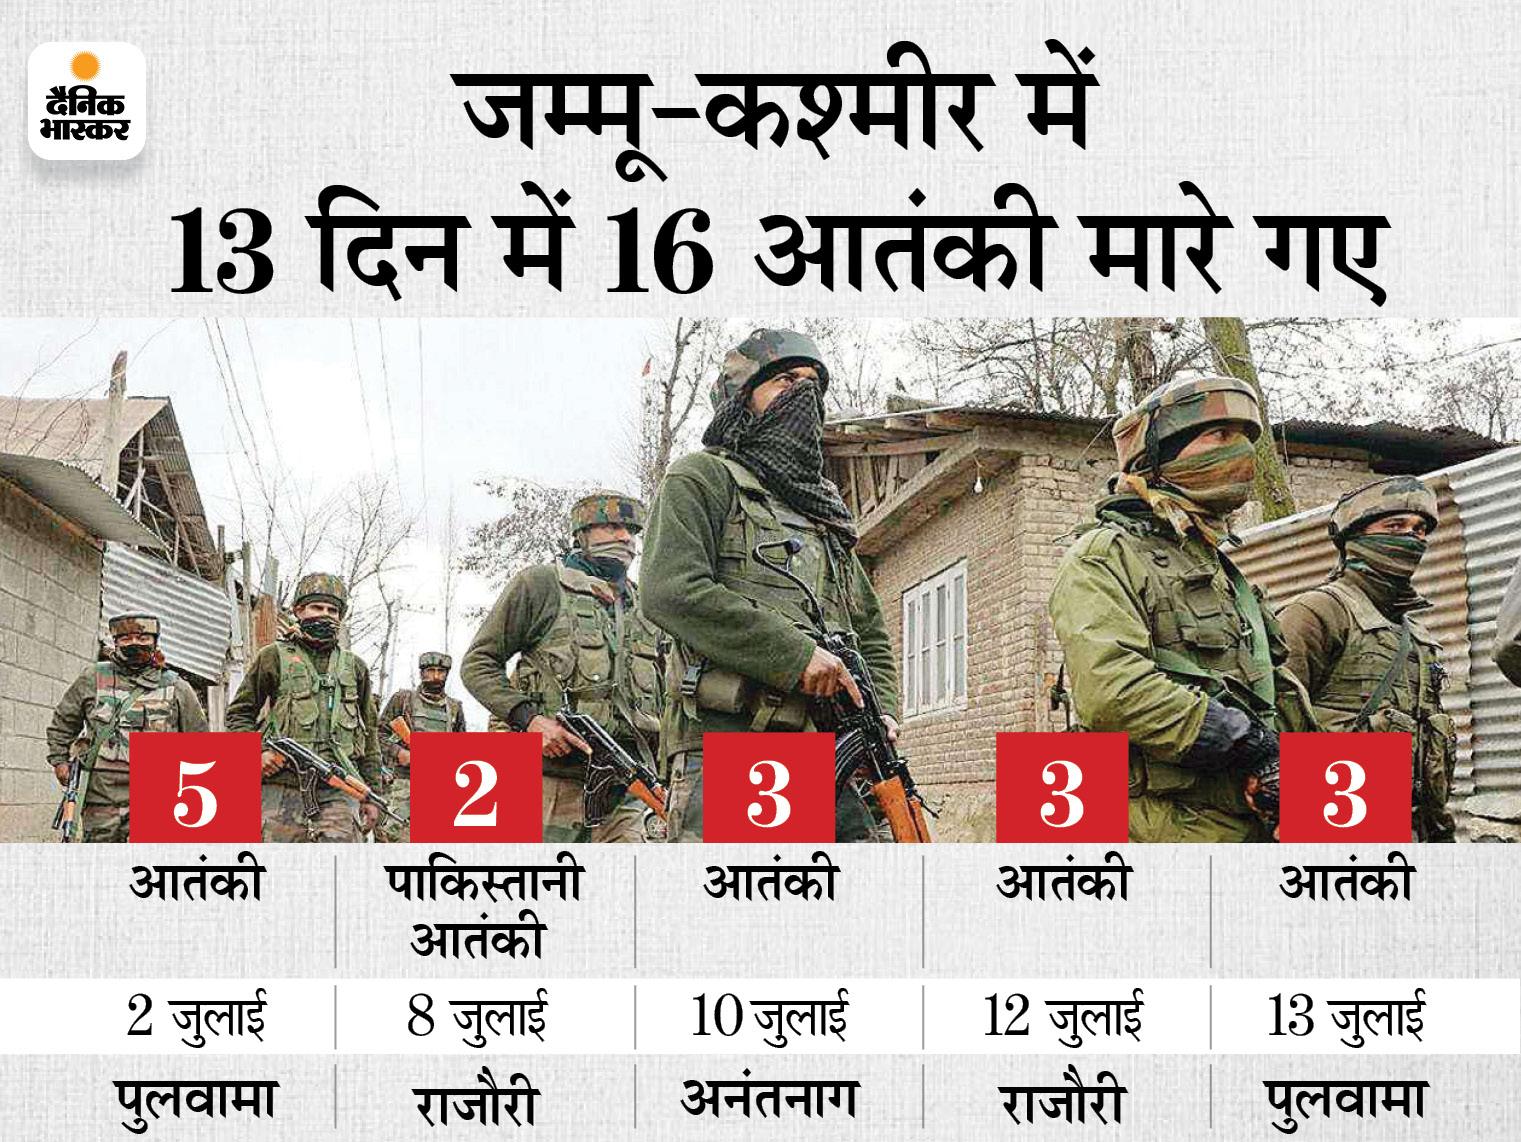 पुलवामा में सुरक्षाबलों ने 3 आतंकियों को मार गिराया, इनमें लश्कर कमांडर अबु हुरैरा भी शामिल|देश,National - Dainik Bhaskar